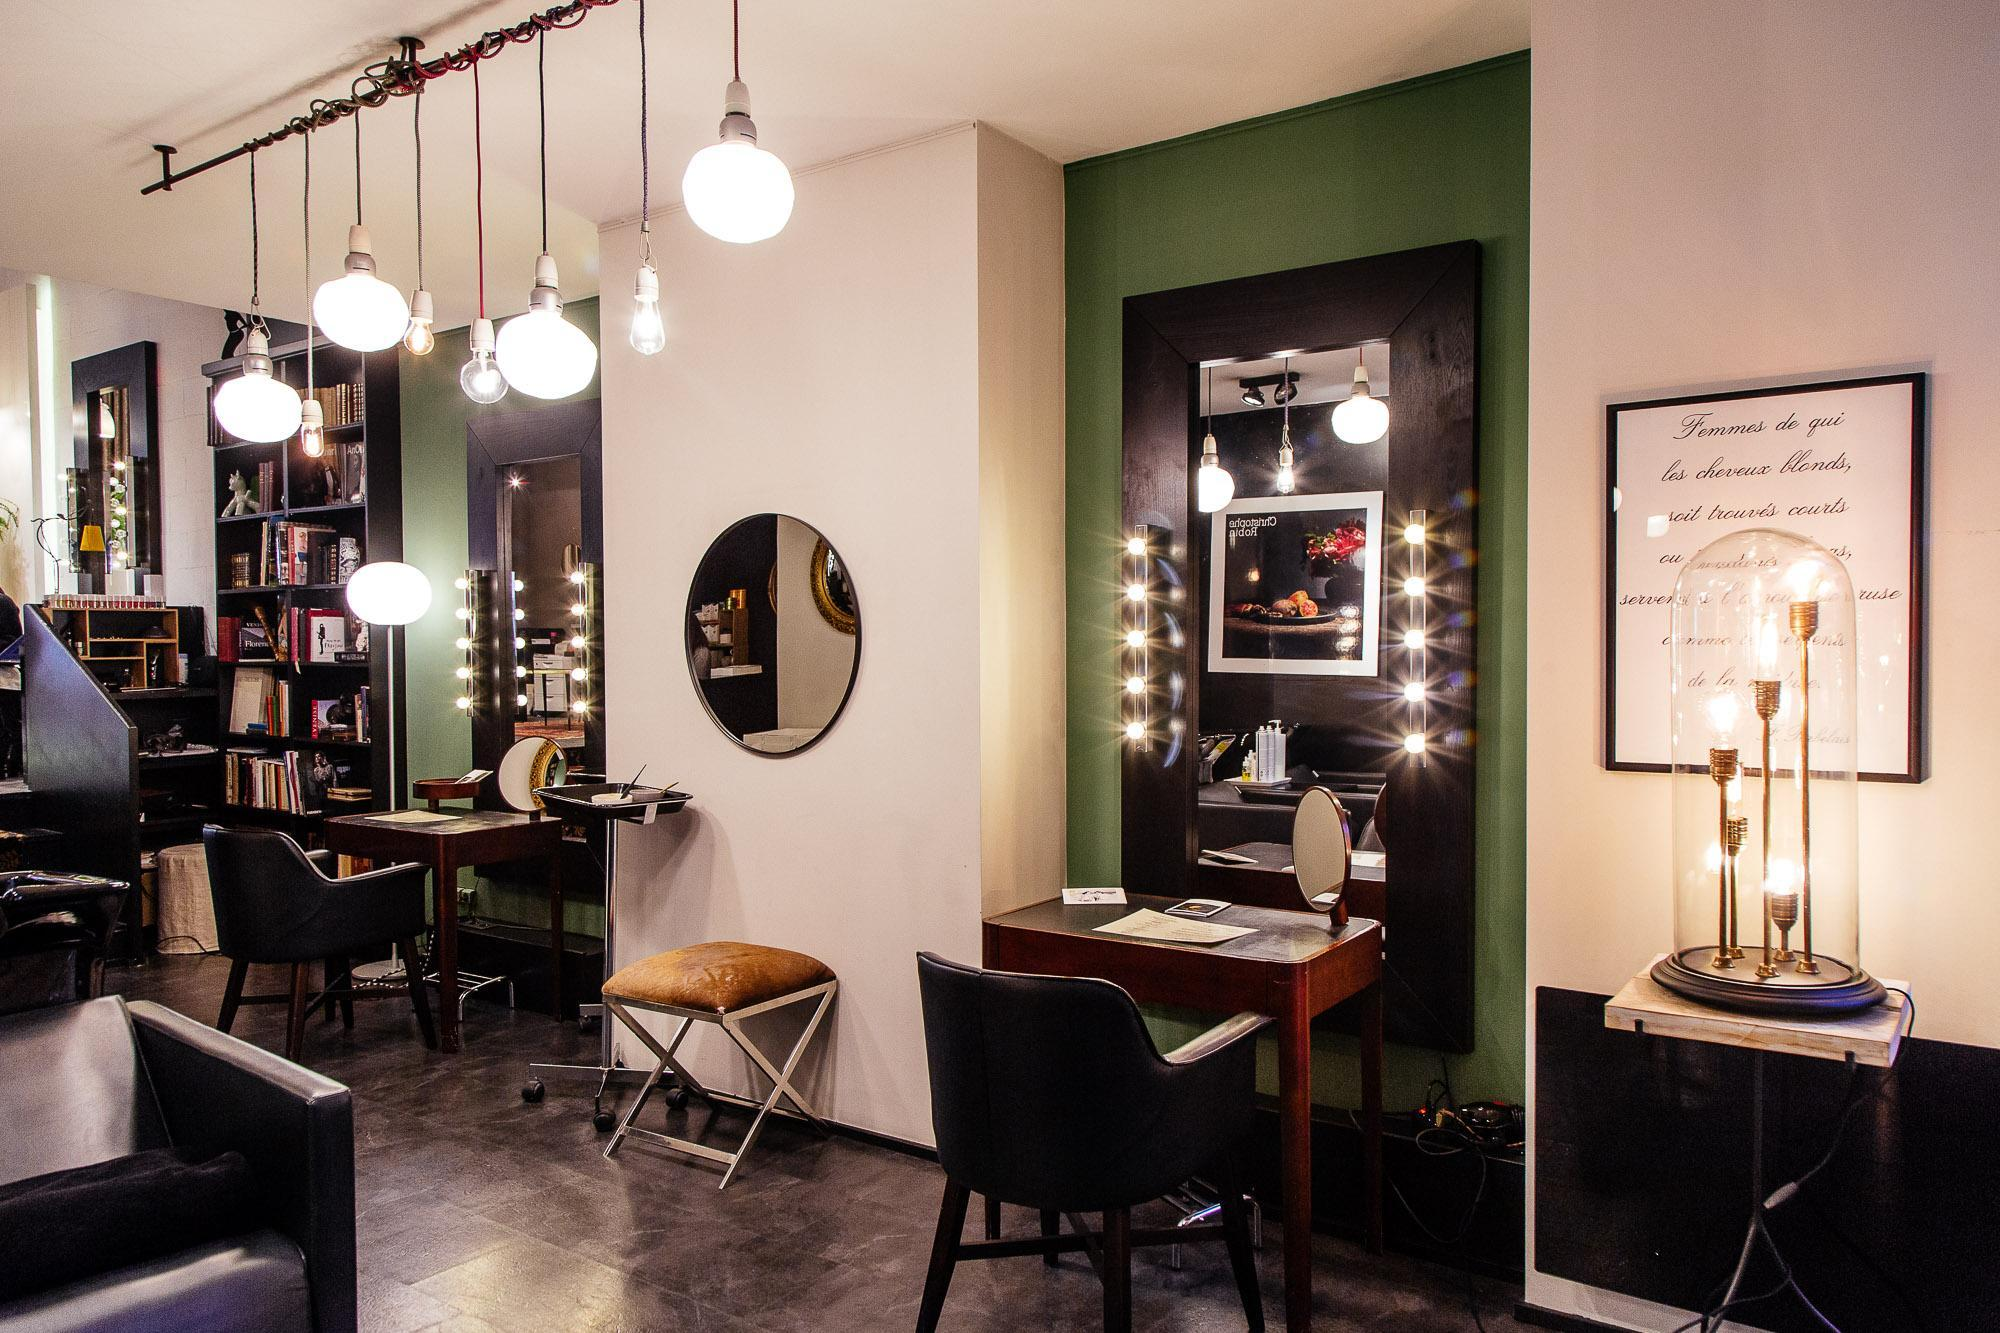 bruxelles: 10 coiffeurs à qui confier vos cheveux les yeux